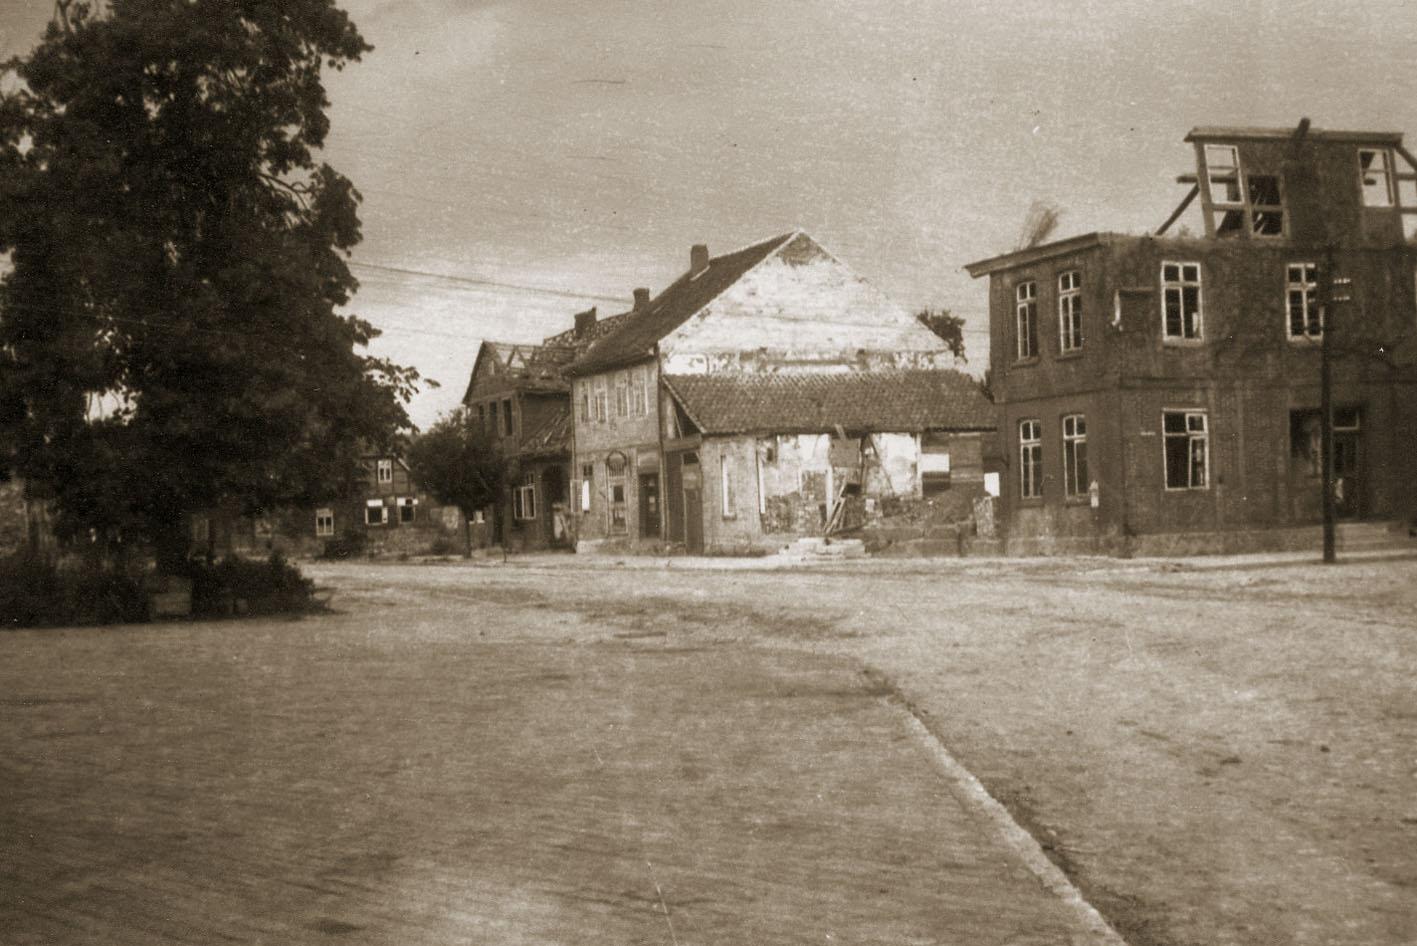 Rethem am Kriegsende, Blick in die Lange Straße / Foto: Slg. Wilhelm Richter, Stadtarchiv